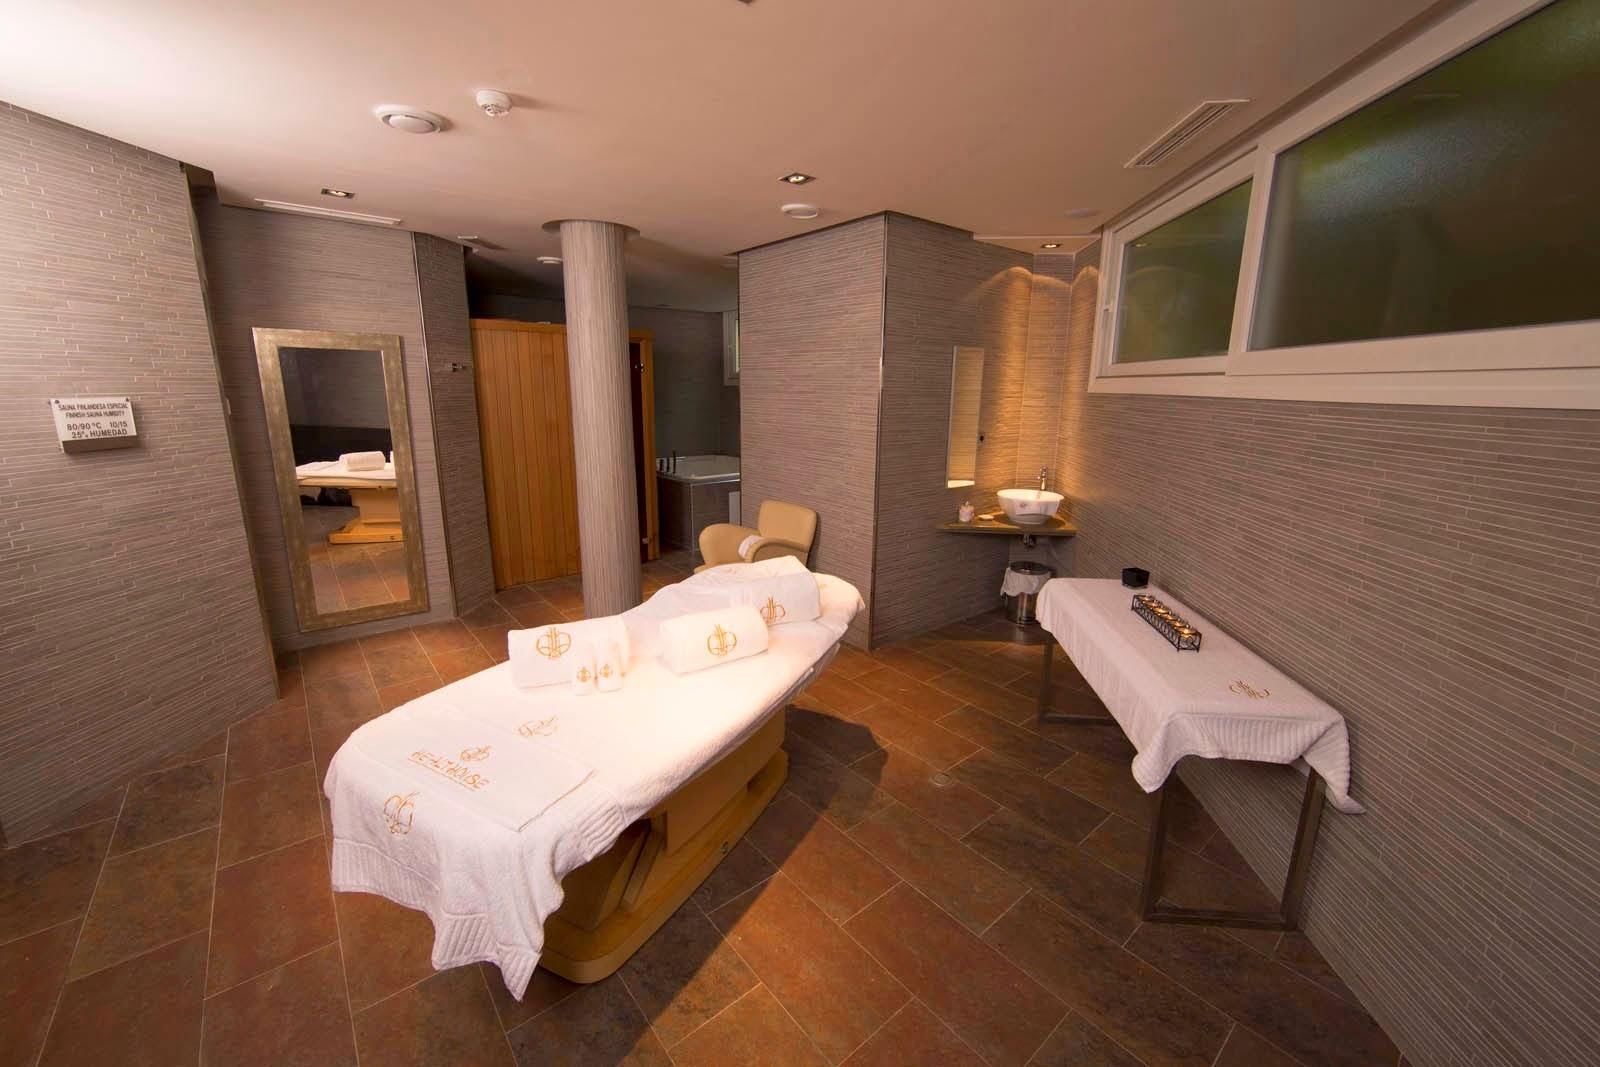 Cabinas De Ducha Para Gimnasios:Una de las cabinas de tratamientos del Ekilum Spa dispone de sauna y